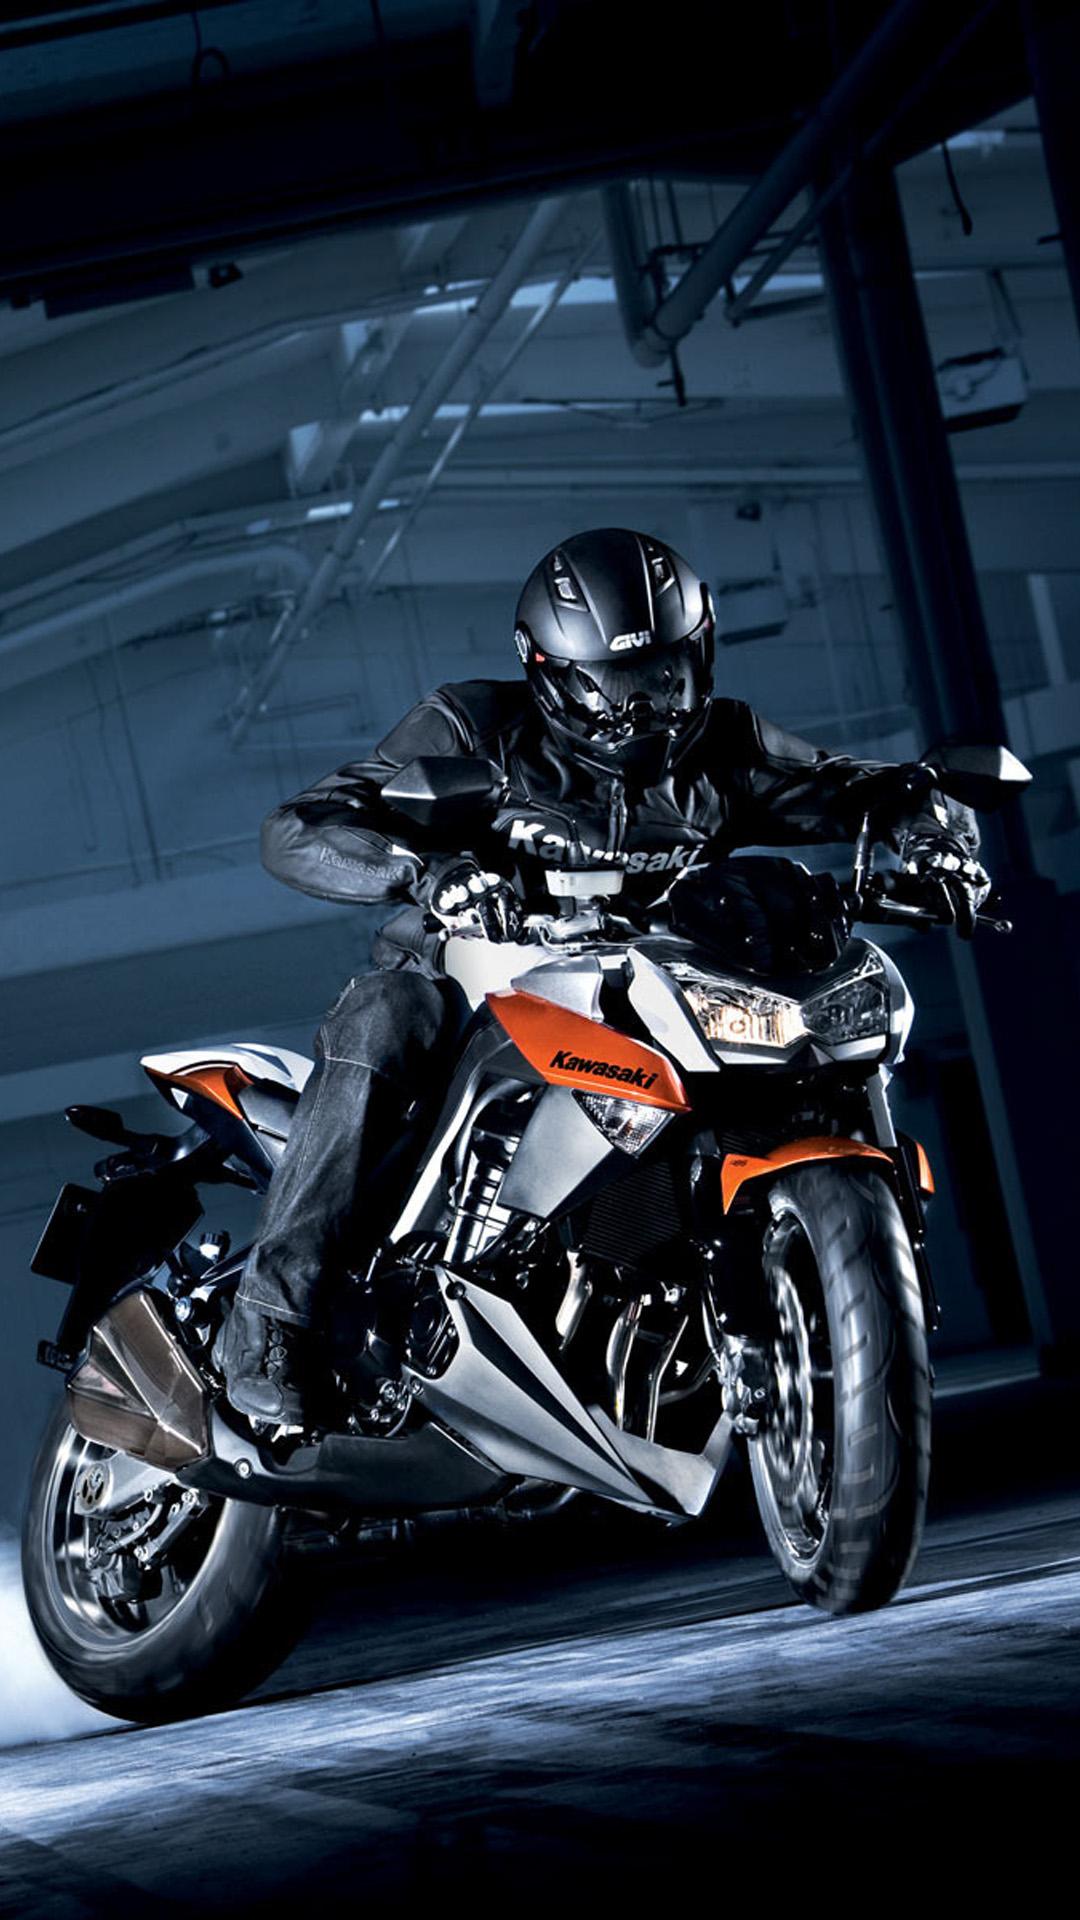 Hình nền xe moto kawasaki cho điện thoại